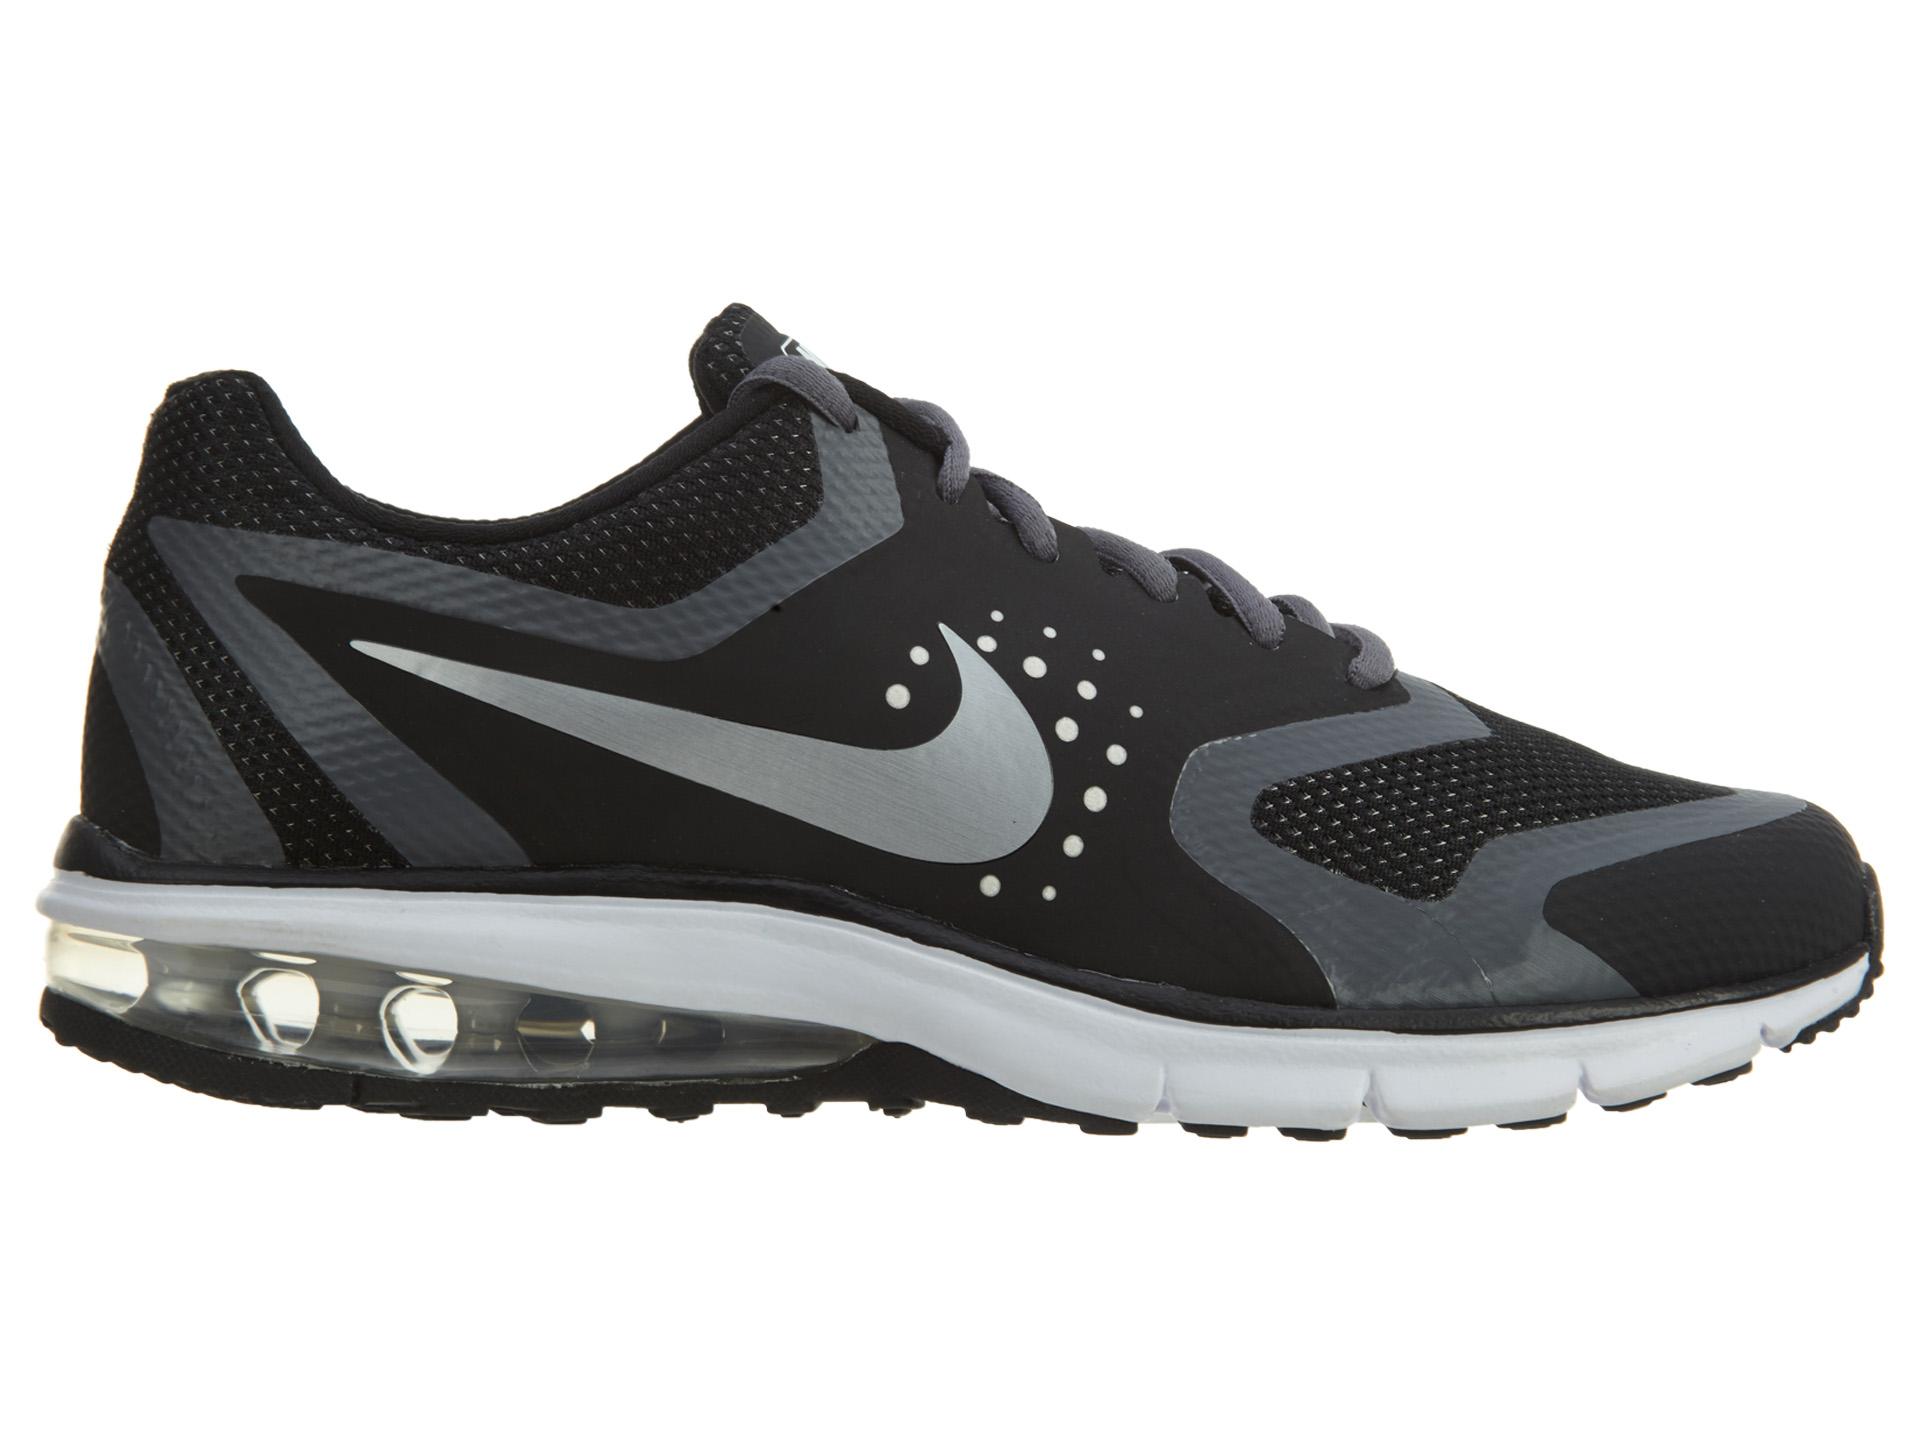 Nike Air Max Premiere Run BlackMetallic Silver Dark Grey